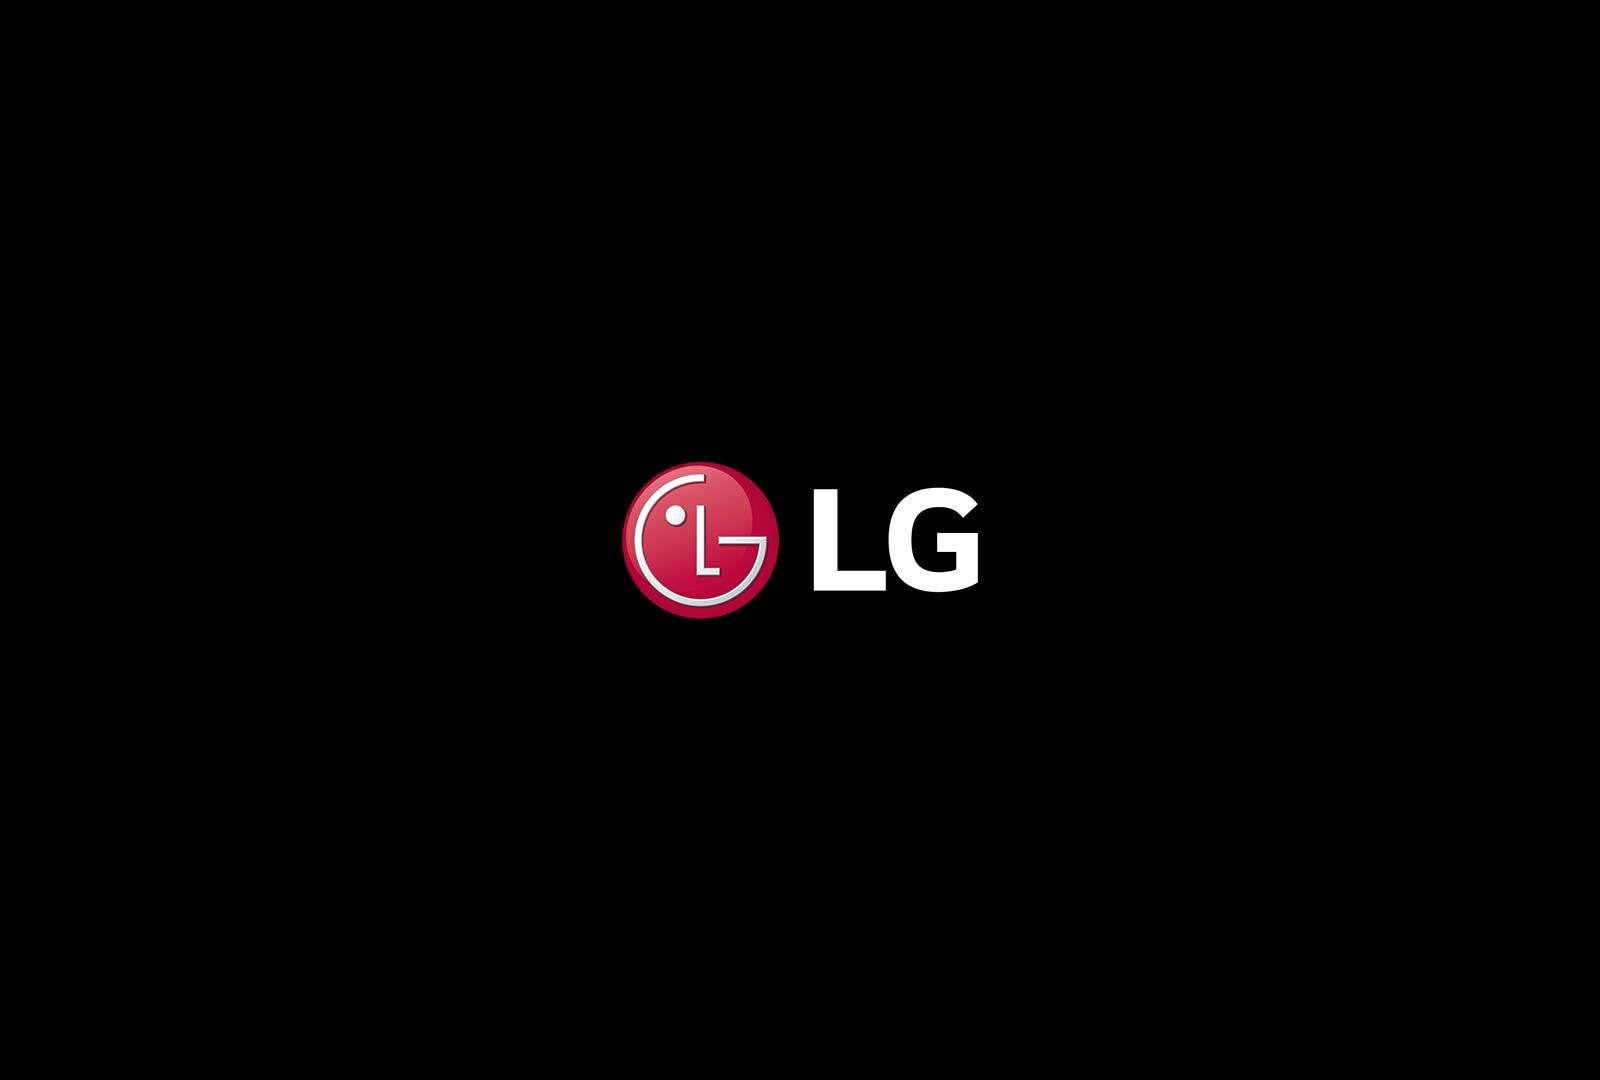 LG_LG_D